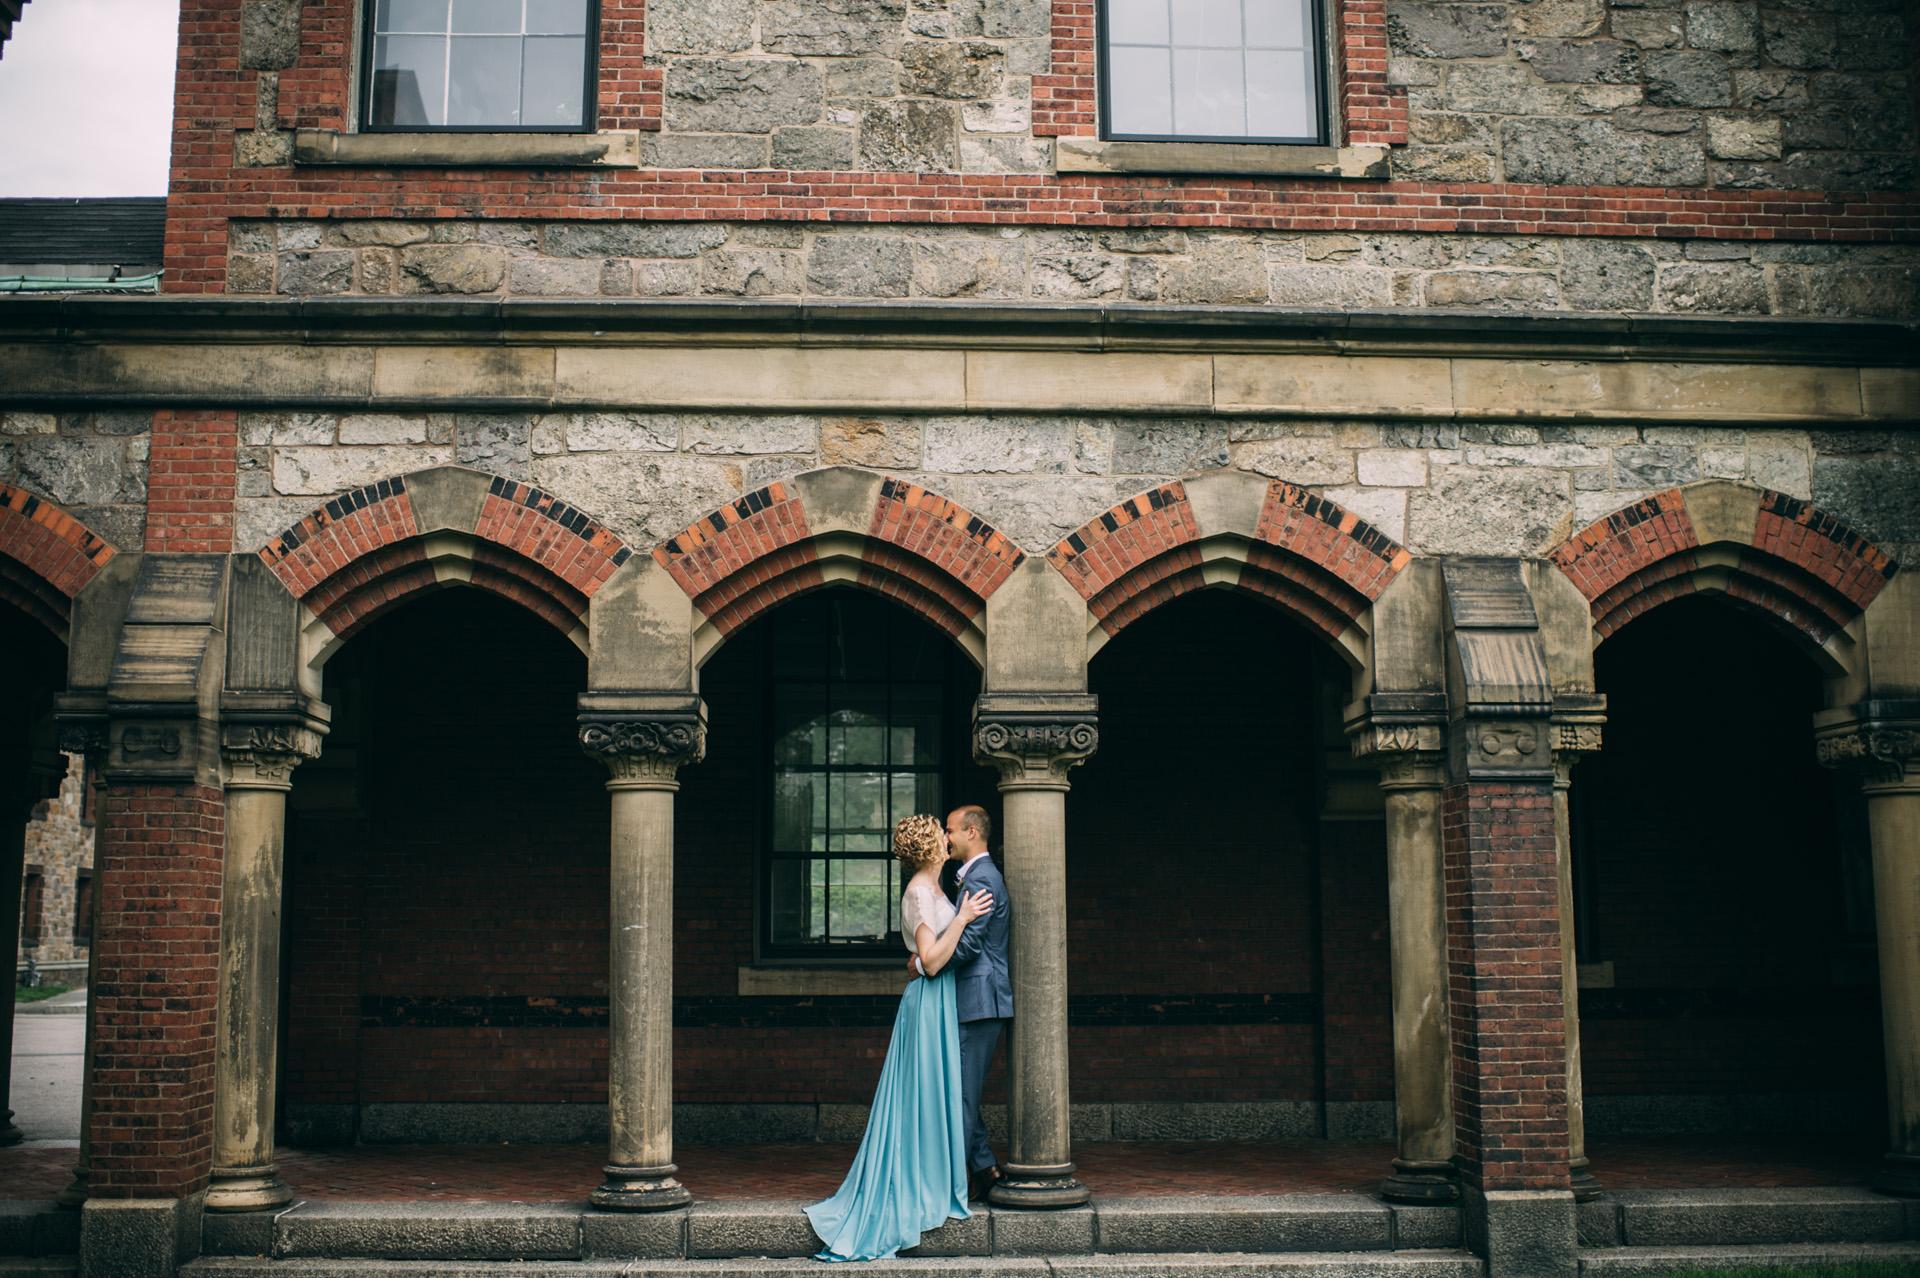 alden-harlow-wedding-photographer-34